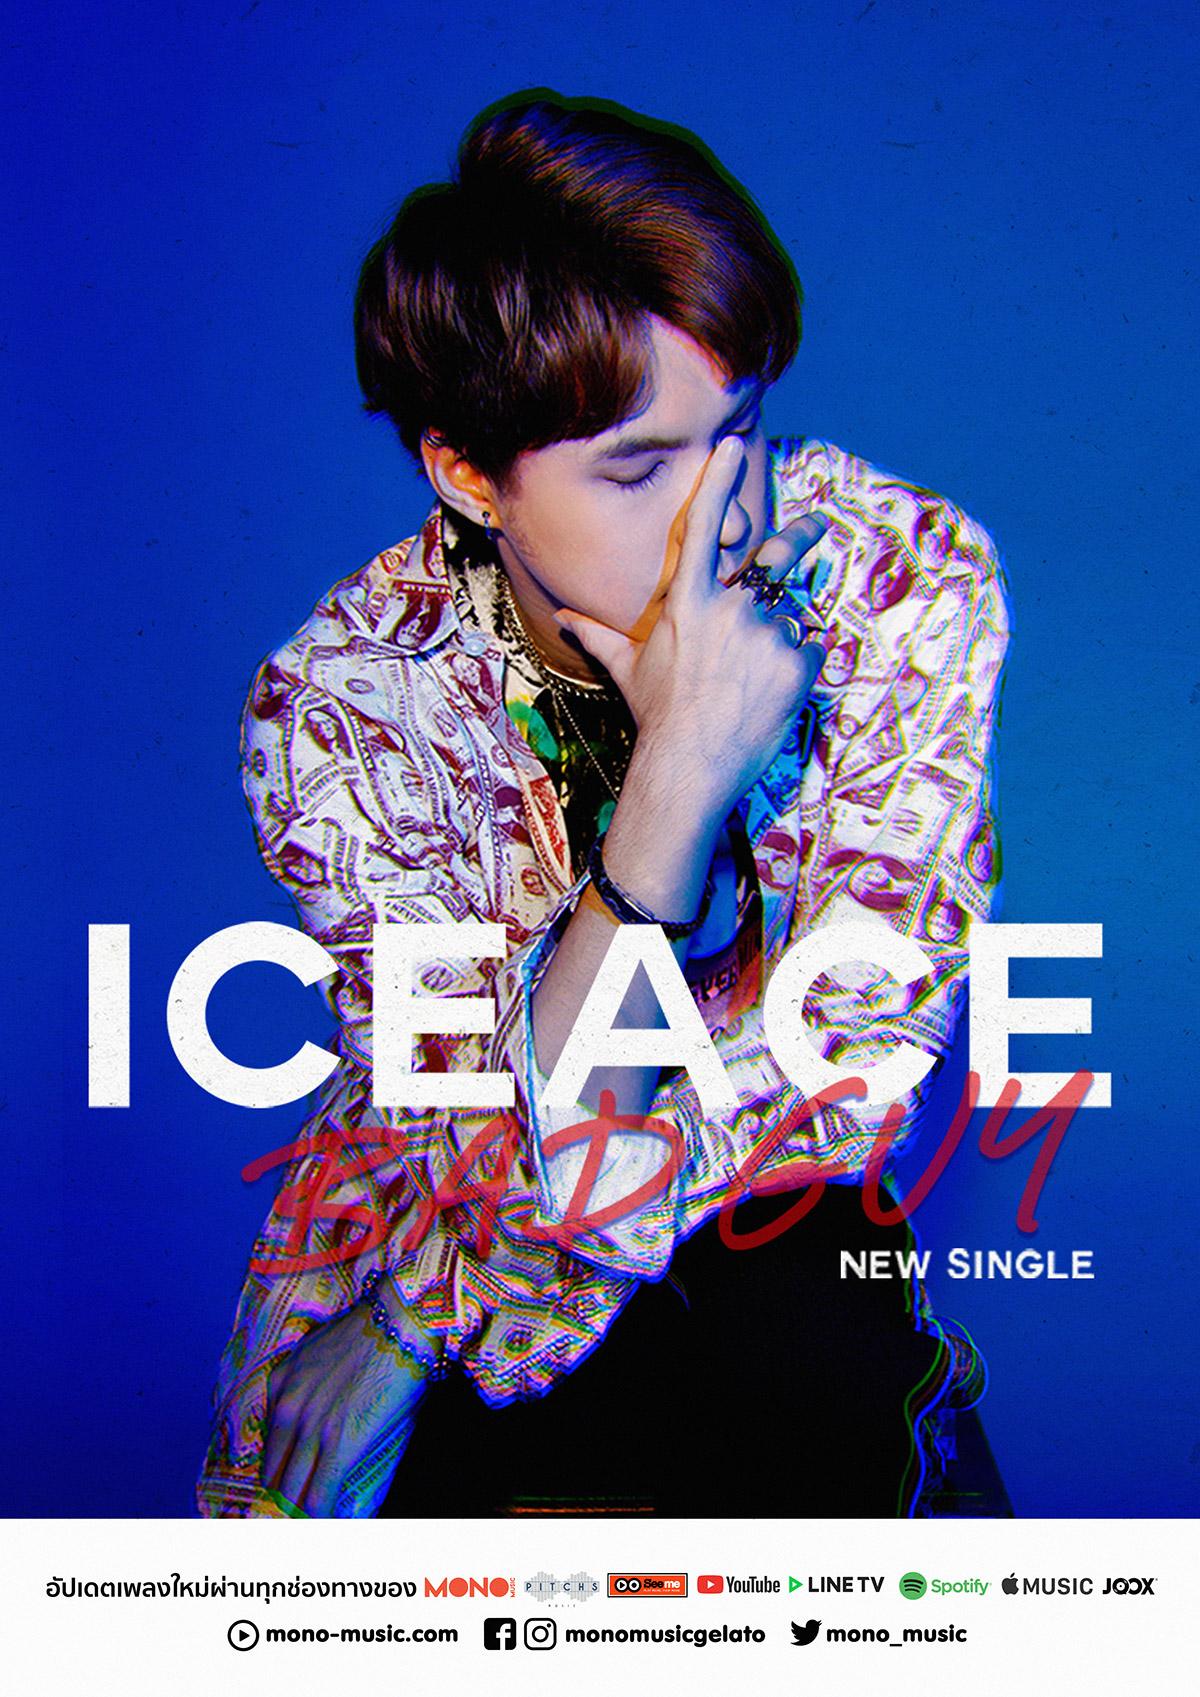 ทำความรู้จัก ไอซ์เอจ ธิติวัฒน์ (ICEACE)